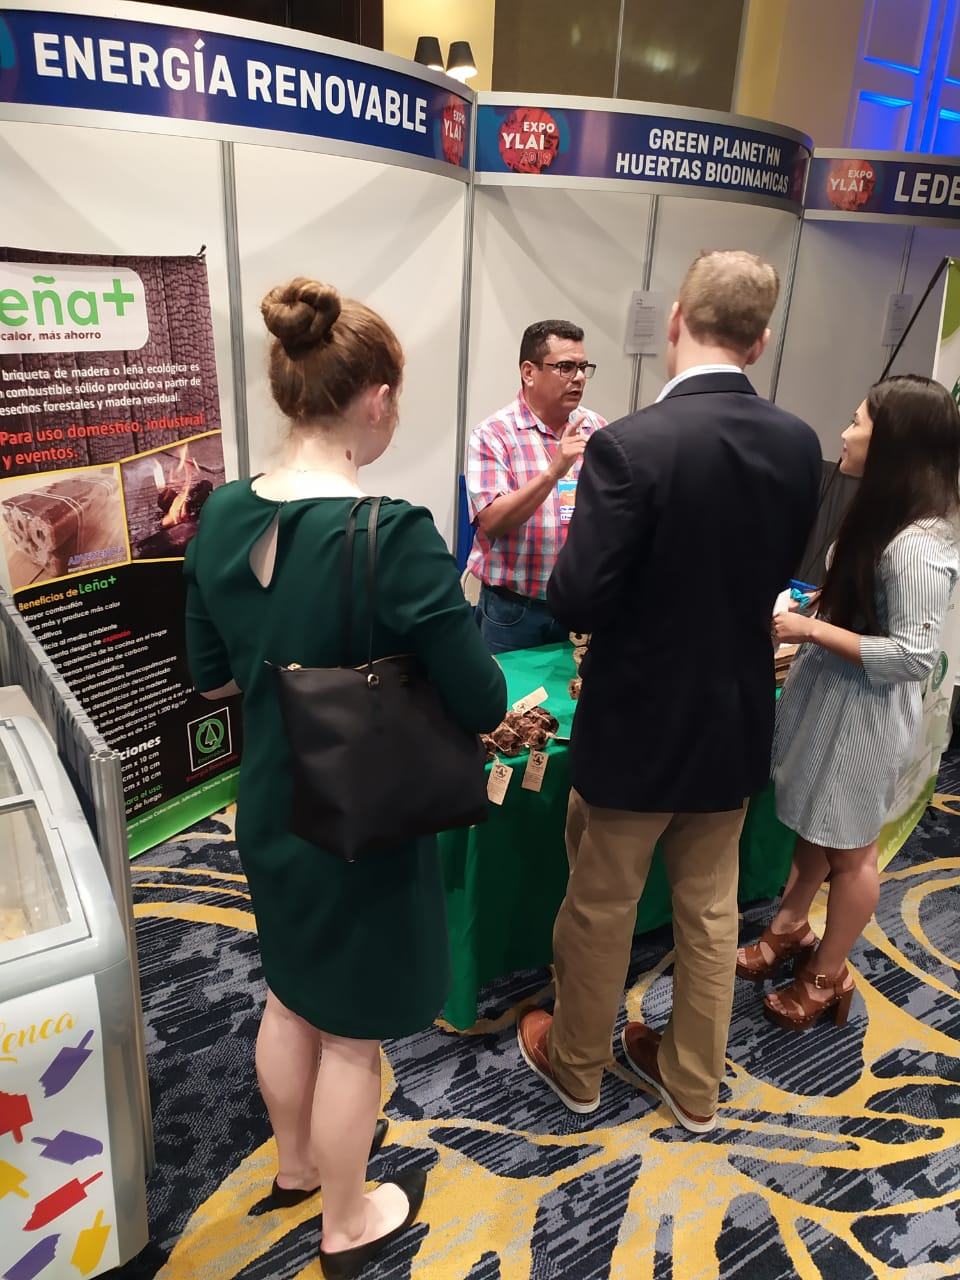 Clientes interesados en nuestros productos. Evento clausura de ExpoYlai en tegucigalpa.